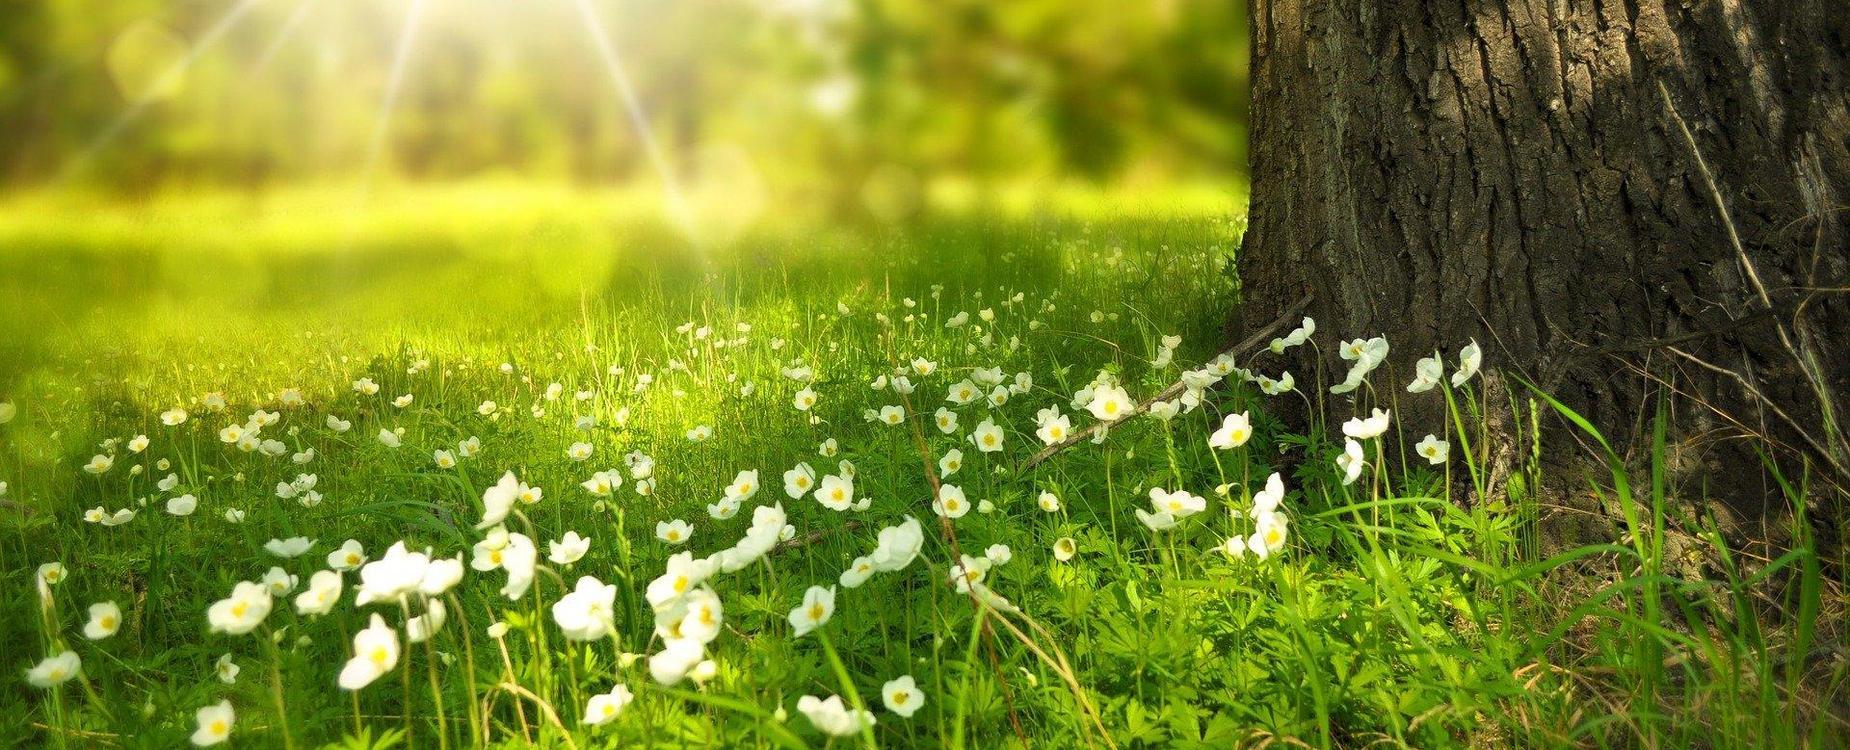 meadow, flowers, tree